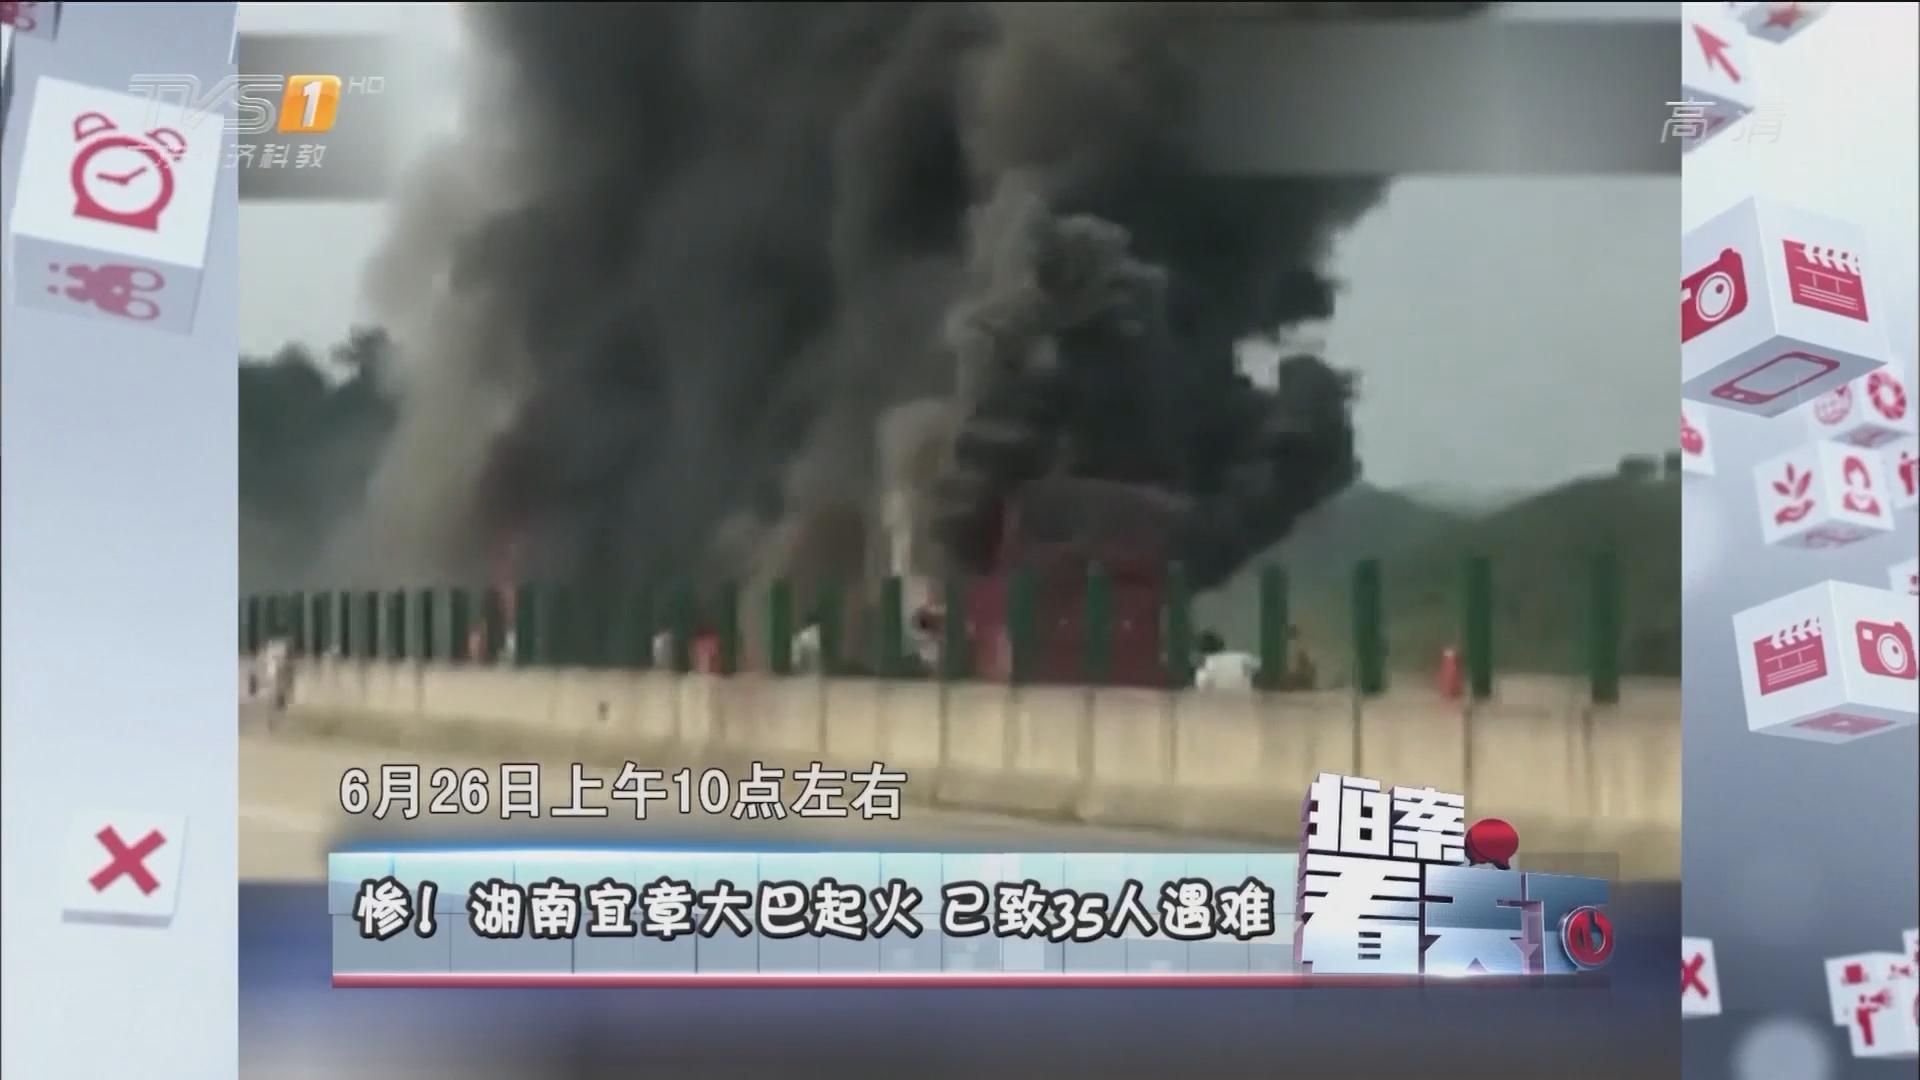 惨!湖南宜章大巴起火 已致35人遇难